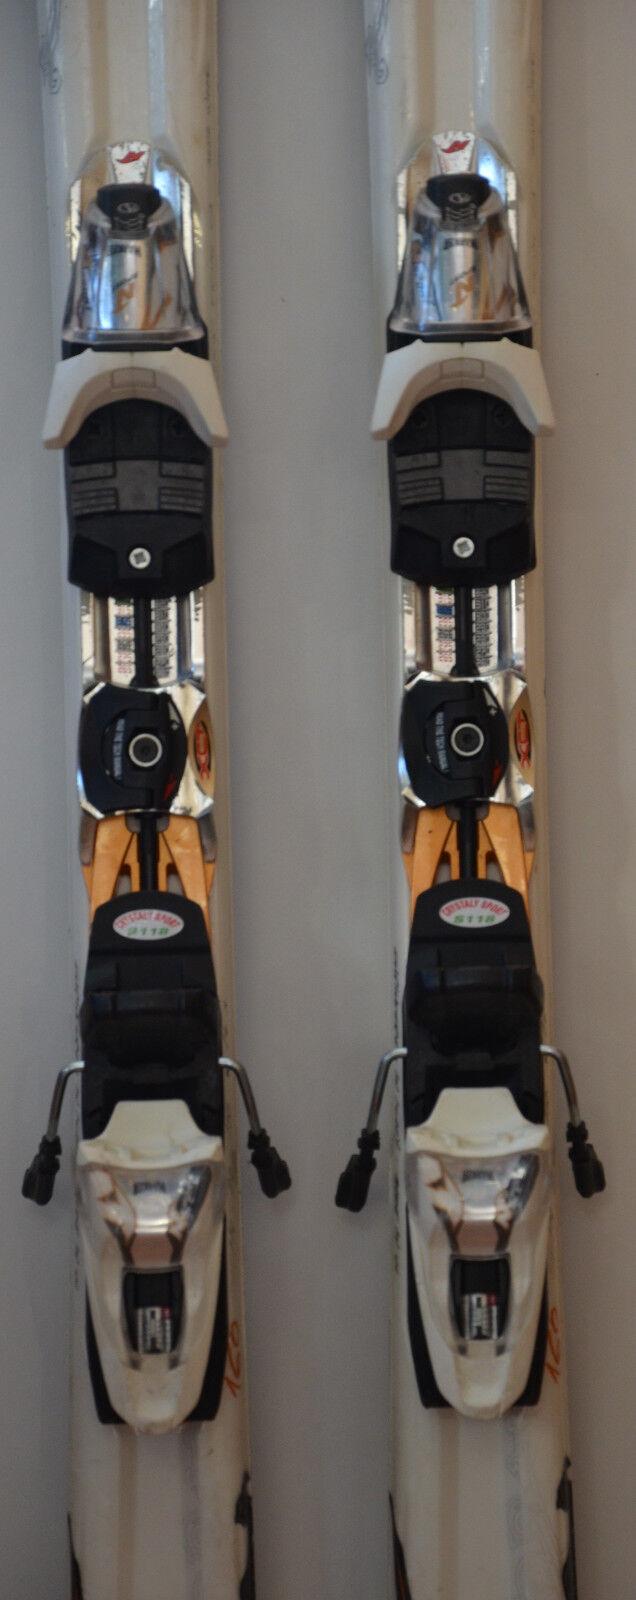 Ski parabolisch gebraucht Frau NORDICA Fox Fox Fox x TB - 160cm & 168cm 2294c9